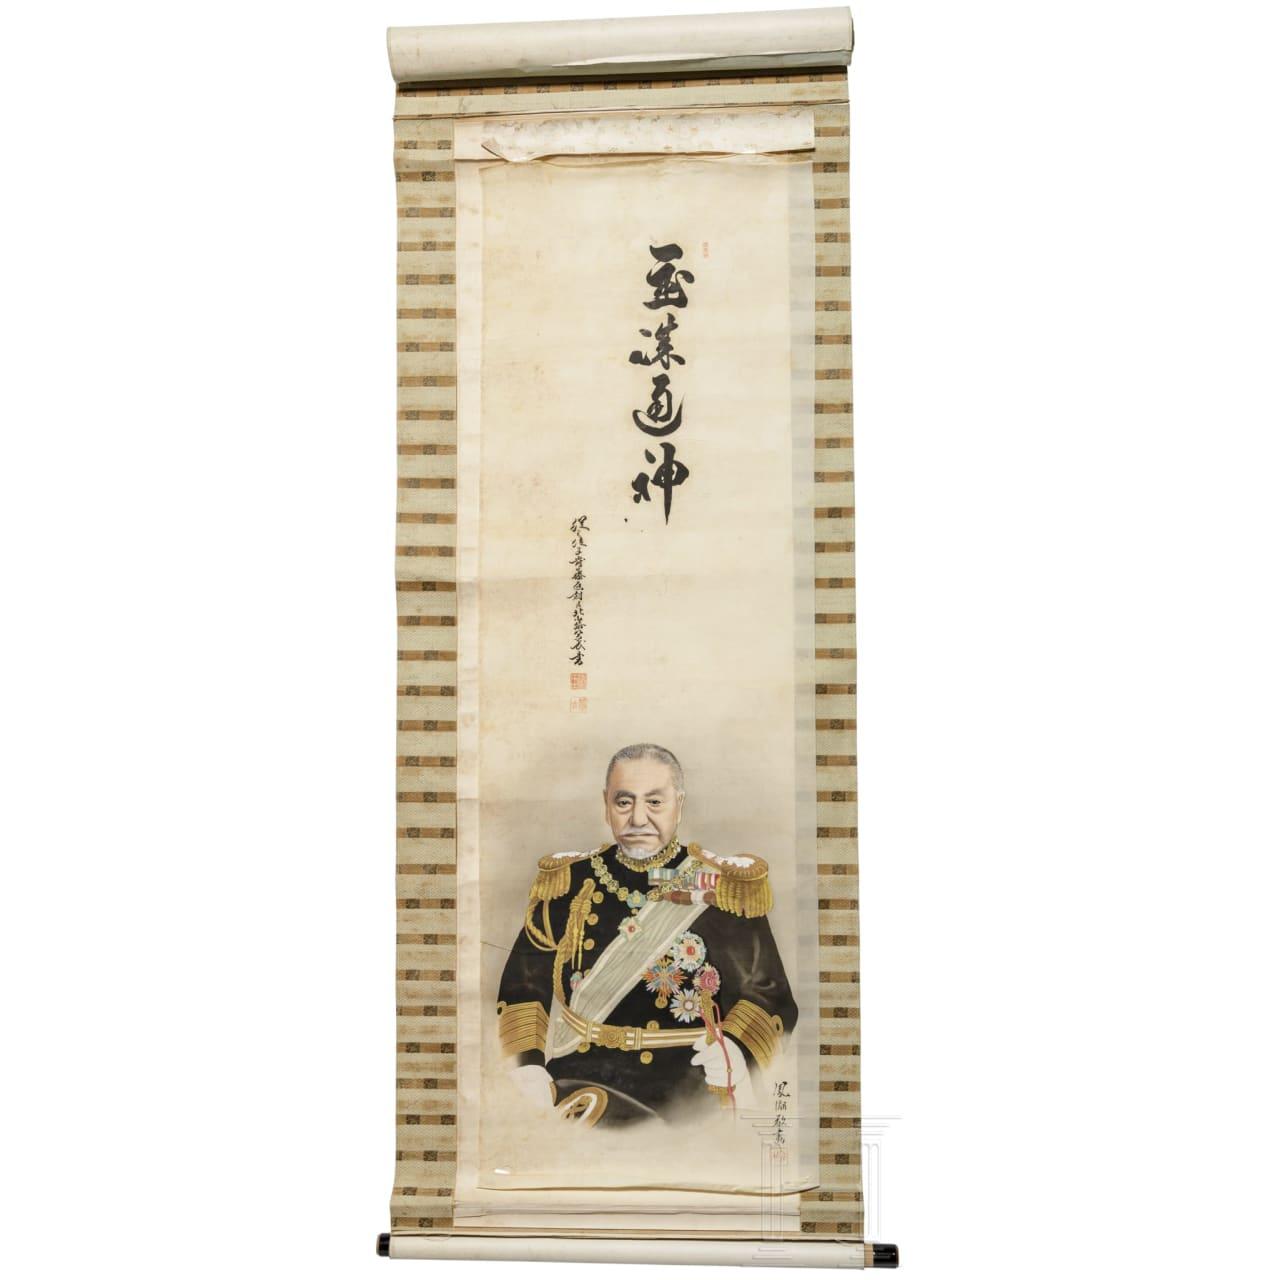 Japan - Rollbild des Admirals Togo, Meiji-Periode